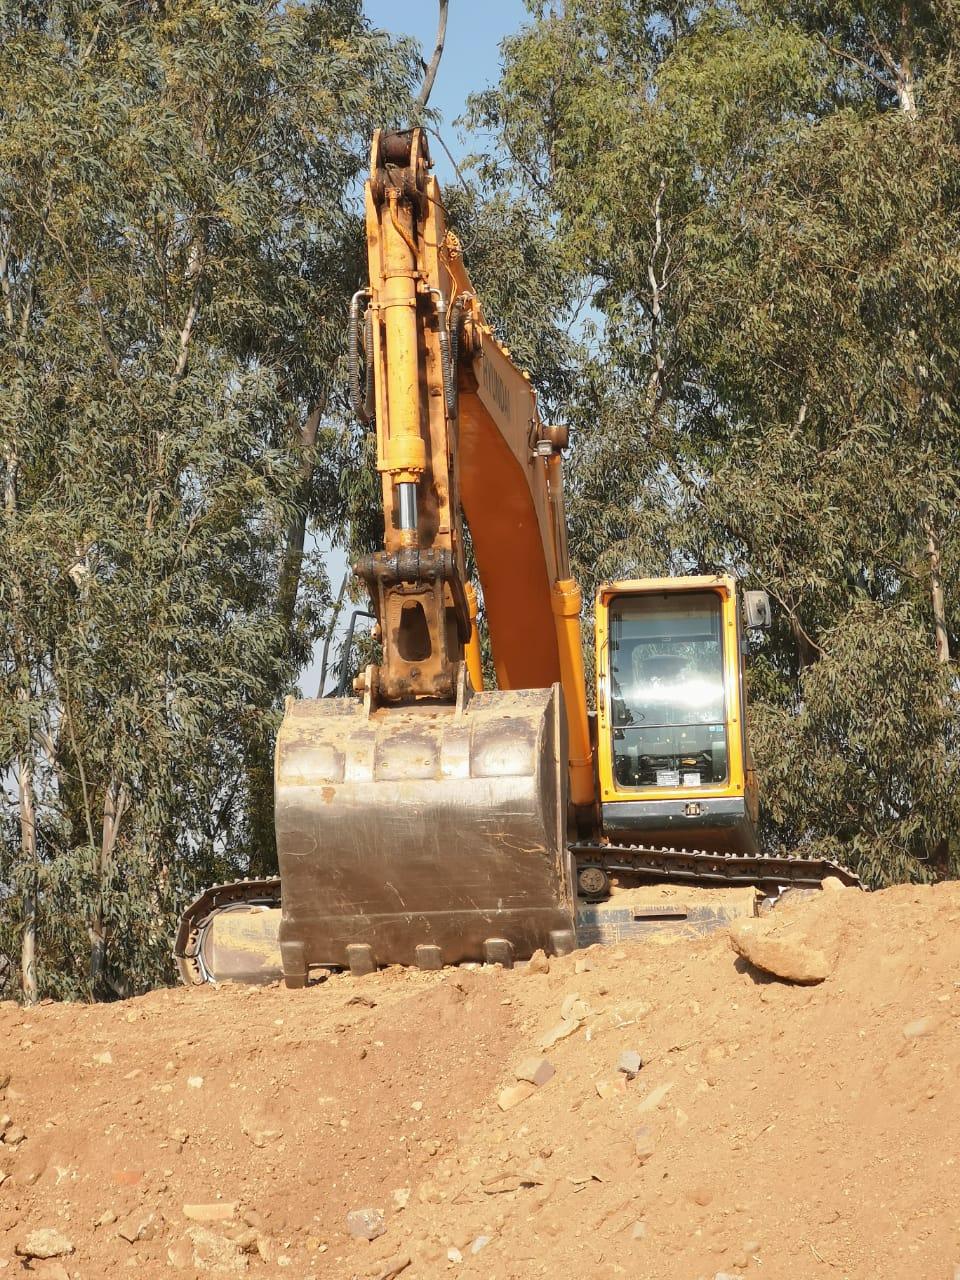 LC 310 Hyundai Excavator 3500 hours